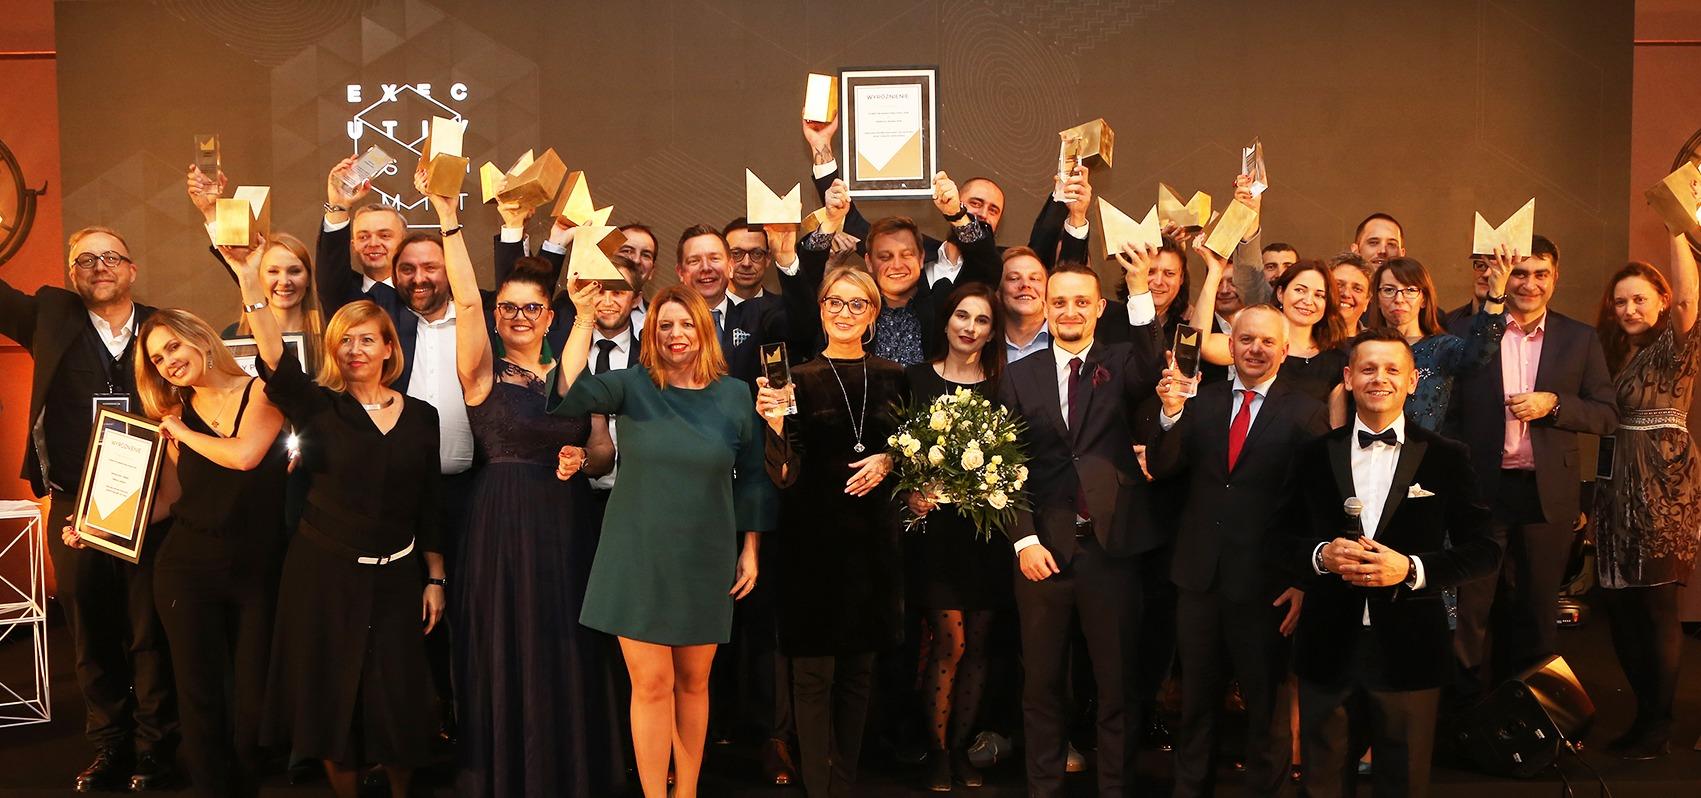 Marketing się liczy! Komputronik otrzymuje dwie nagrody podczas konferencji Marketing & Sales Executive Summit '18